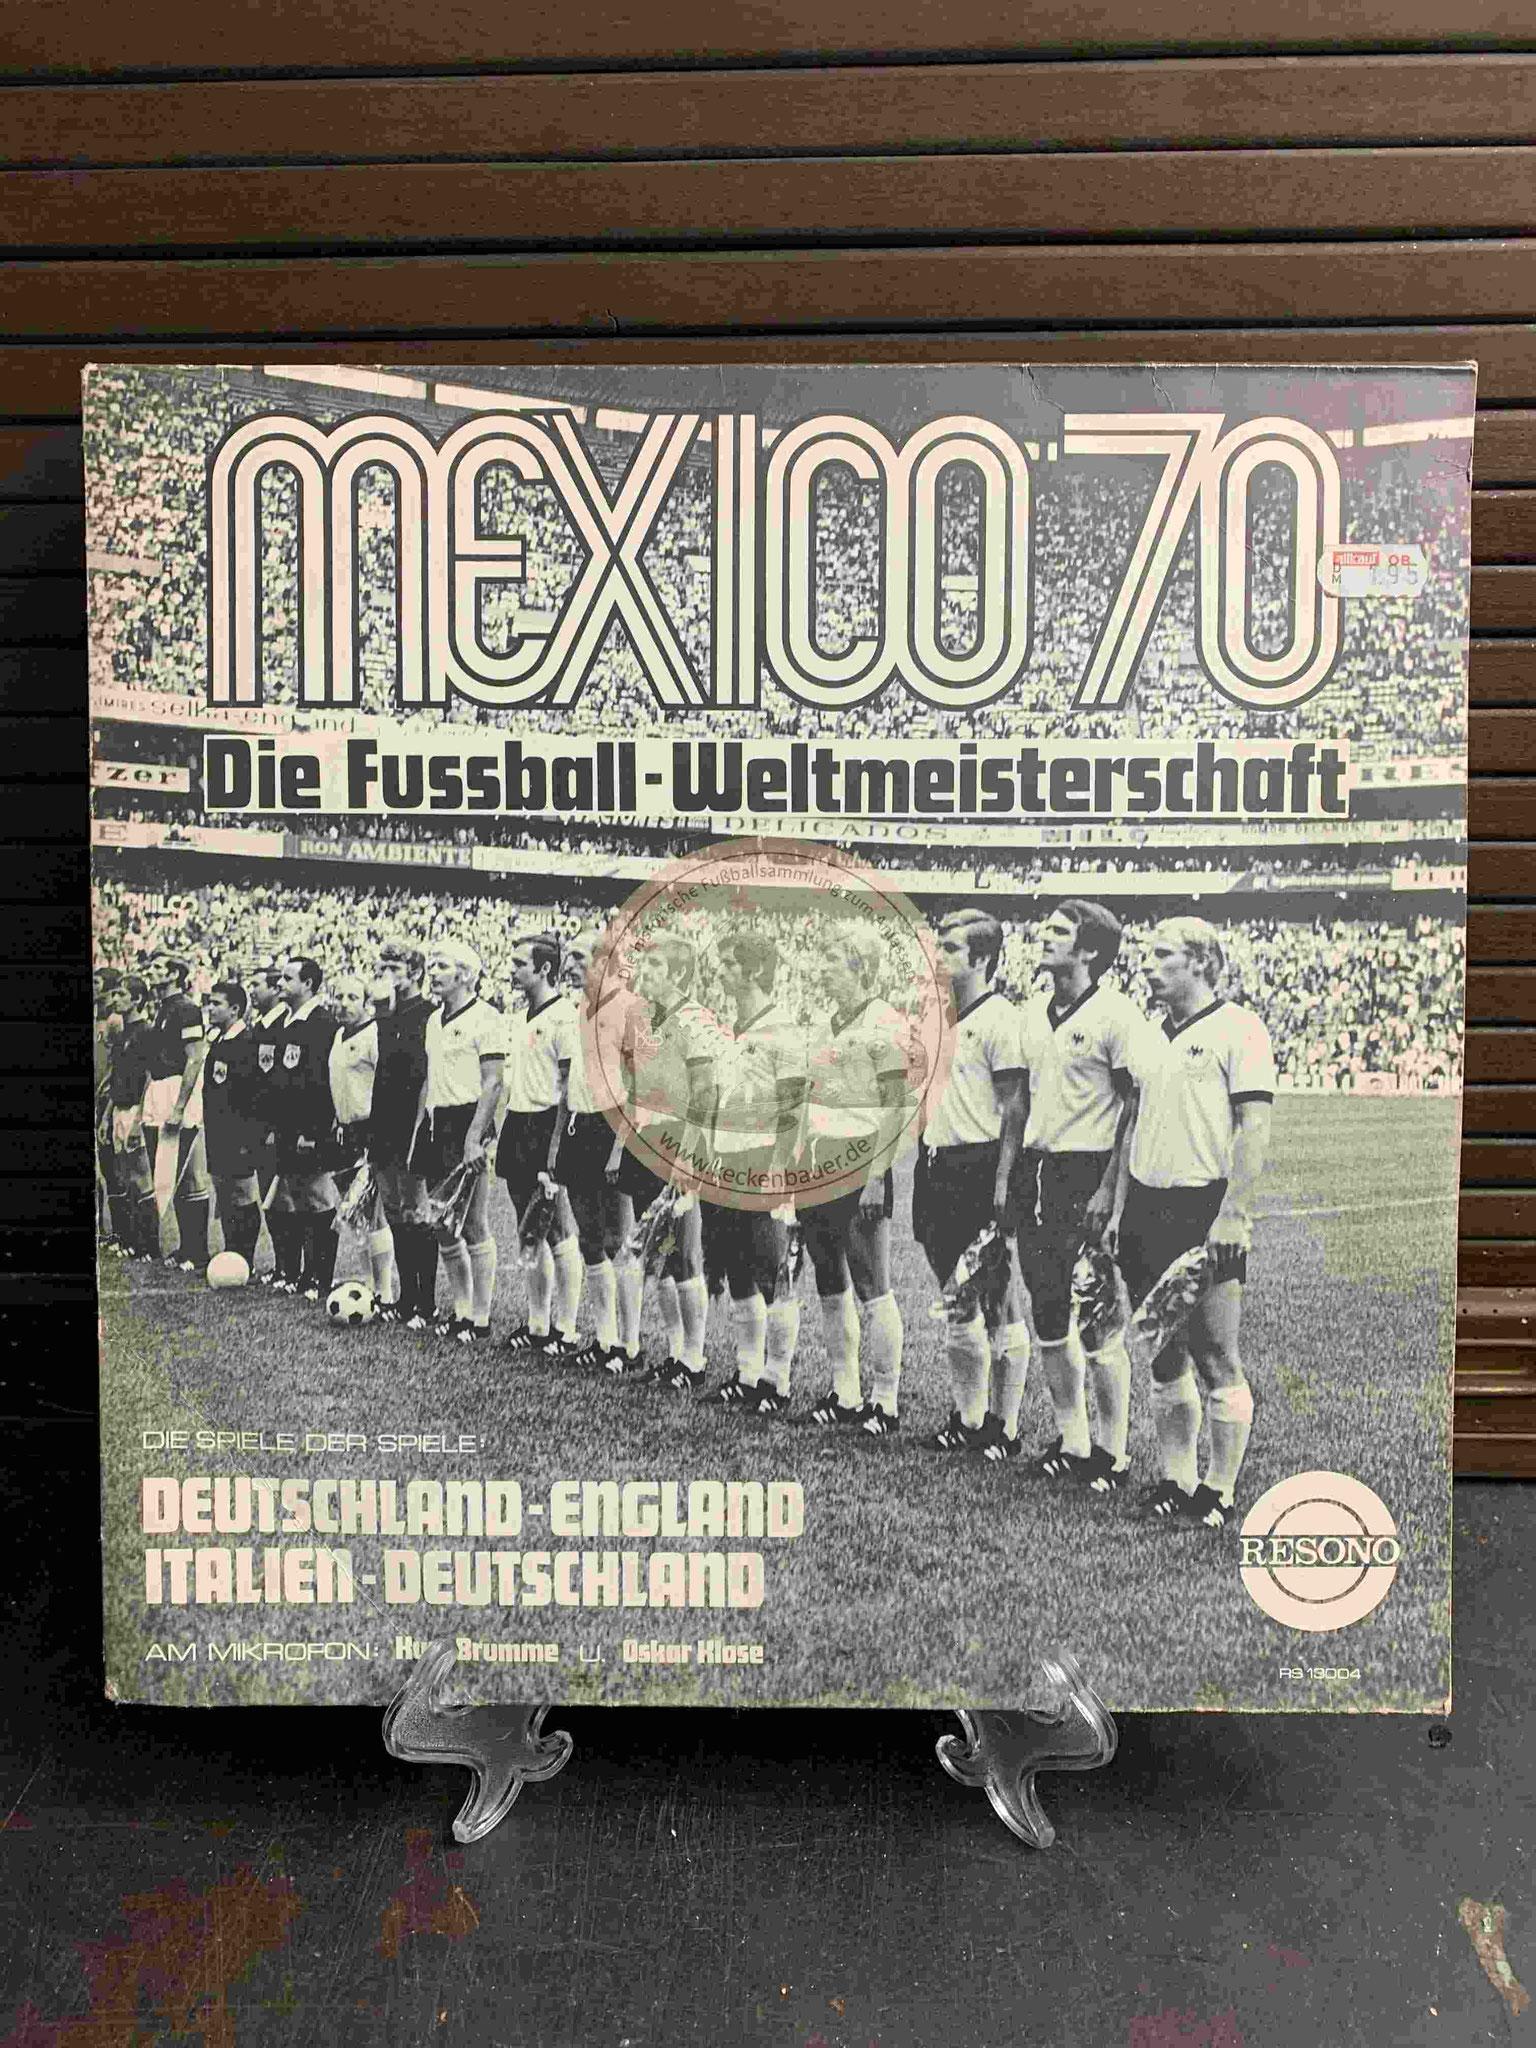 1970 Mexico 70 Die Fussball-Weltmeisterschaft Deutschland - England und Italien - Deutschland